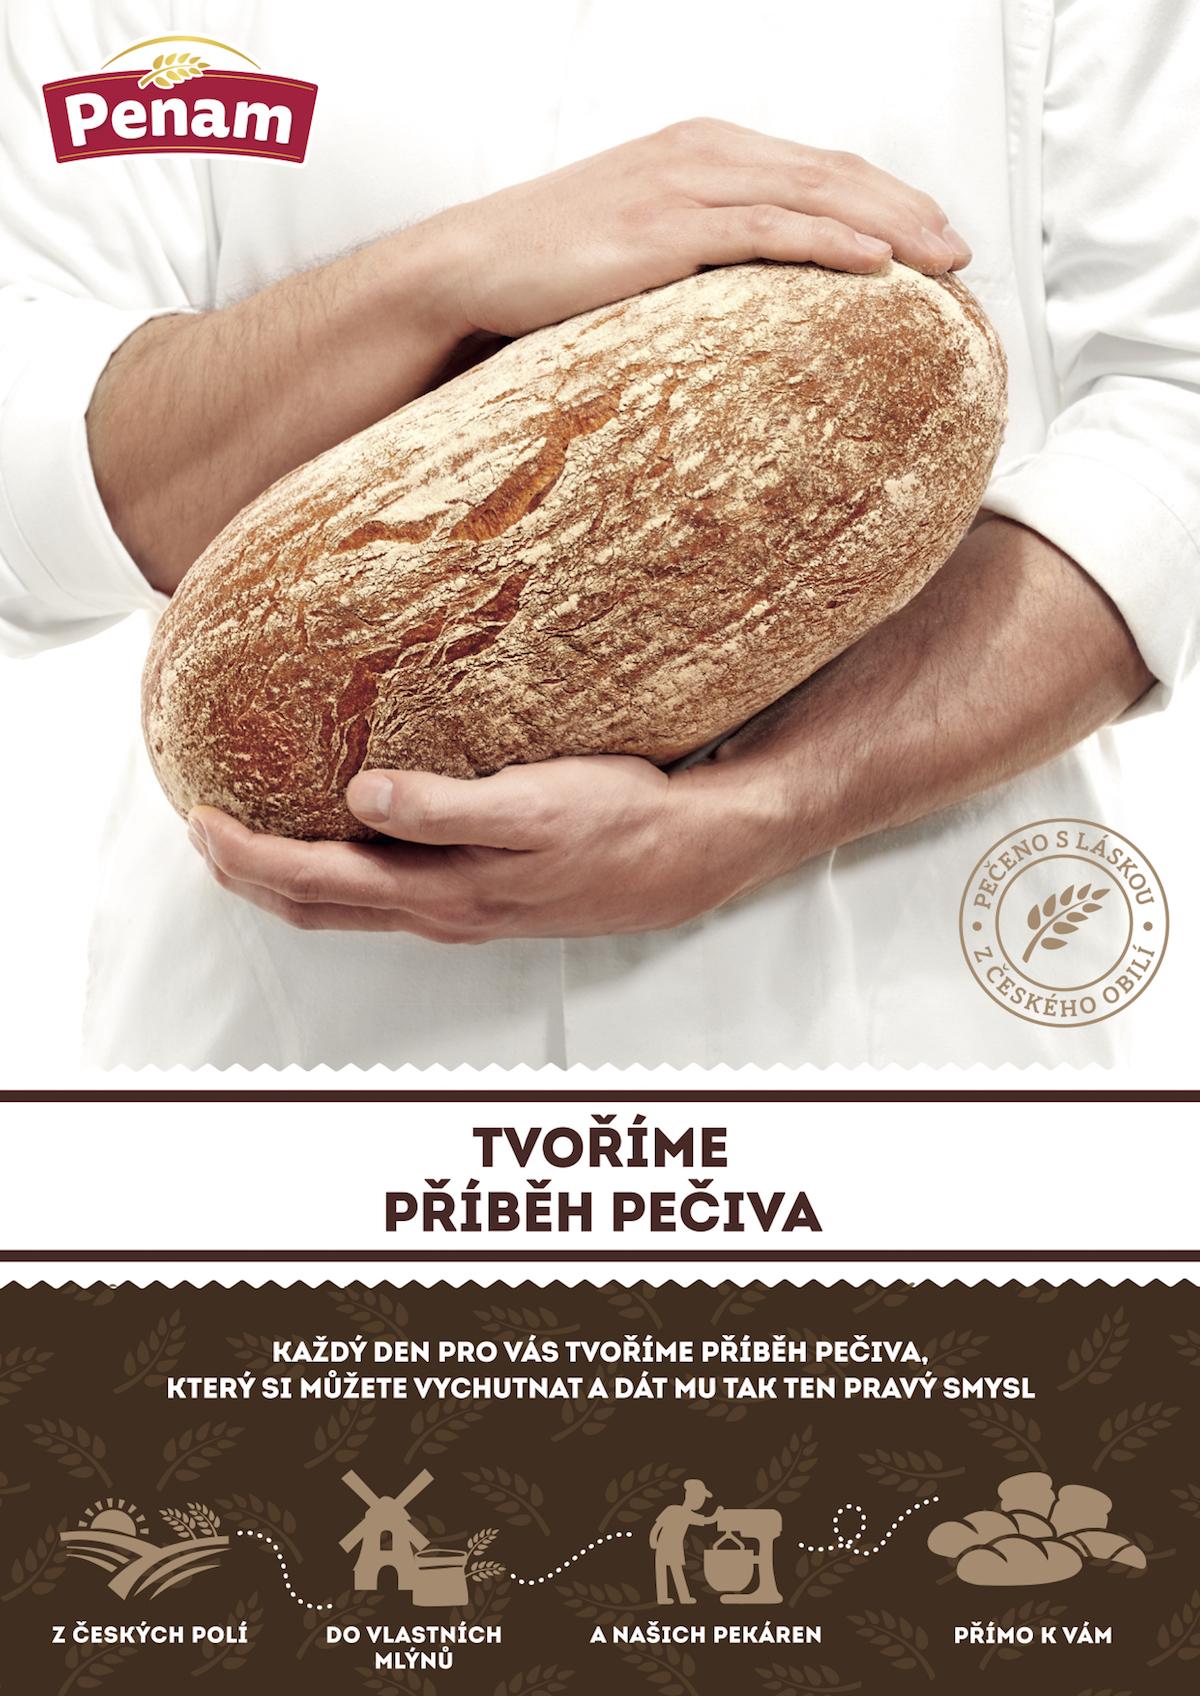 Nový klíčový vizuál pekárenské značky Penam